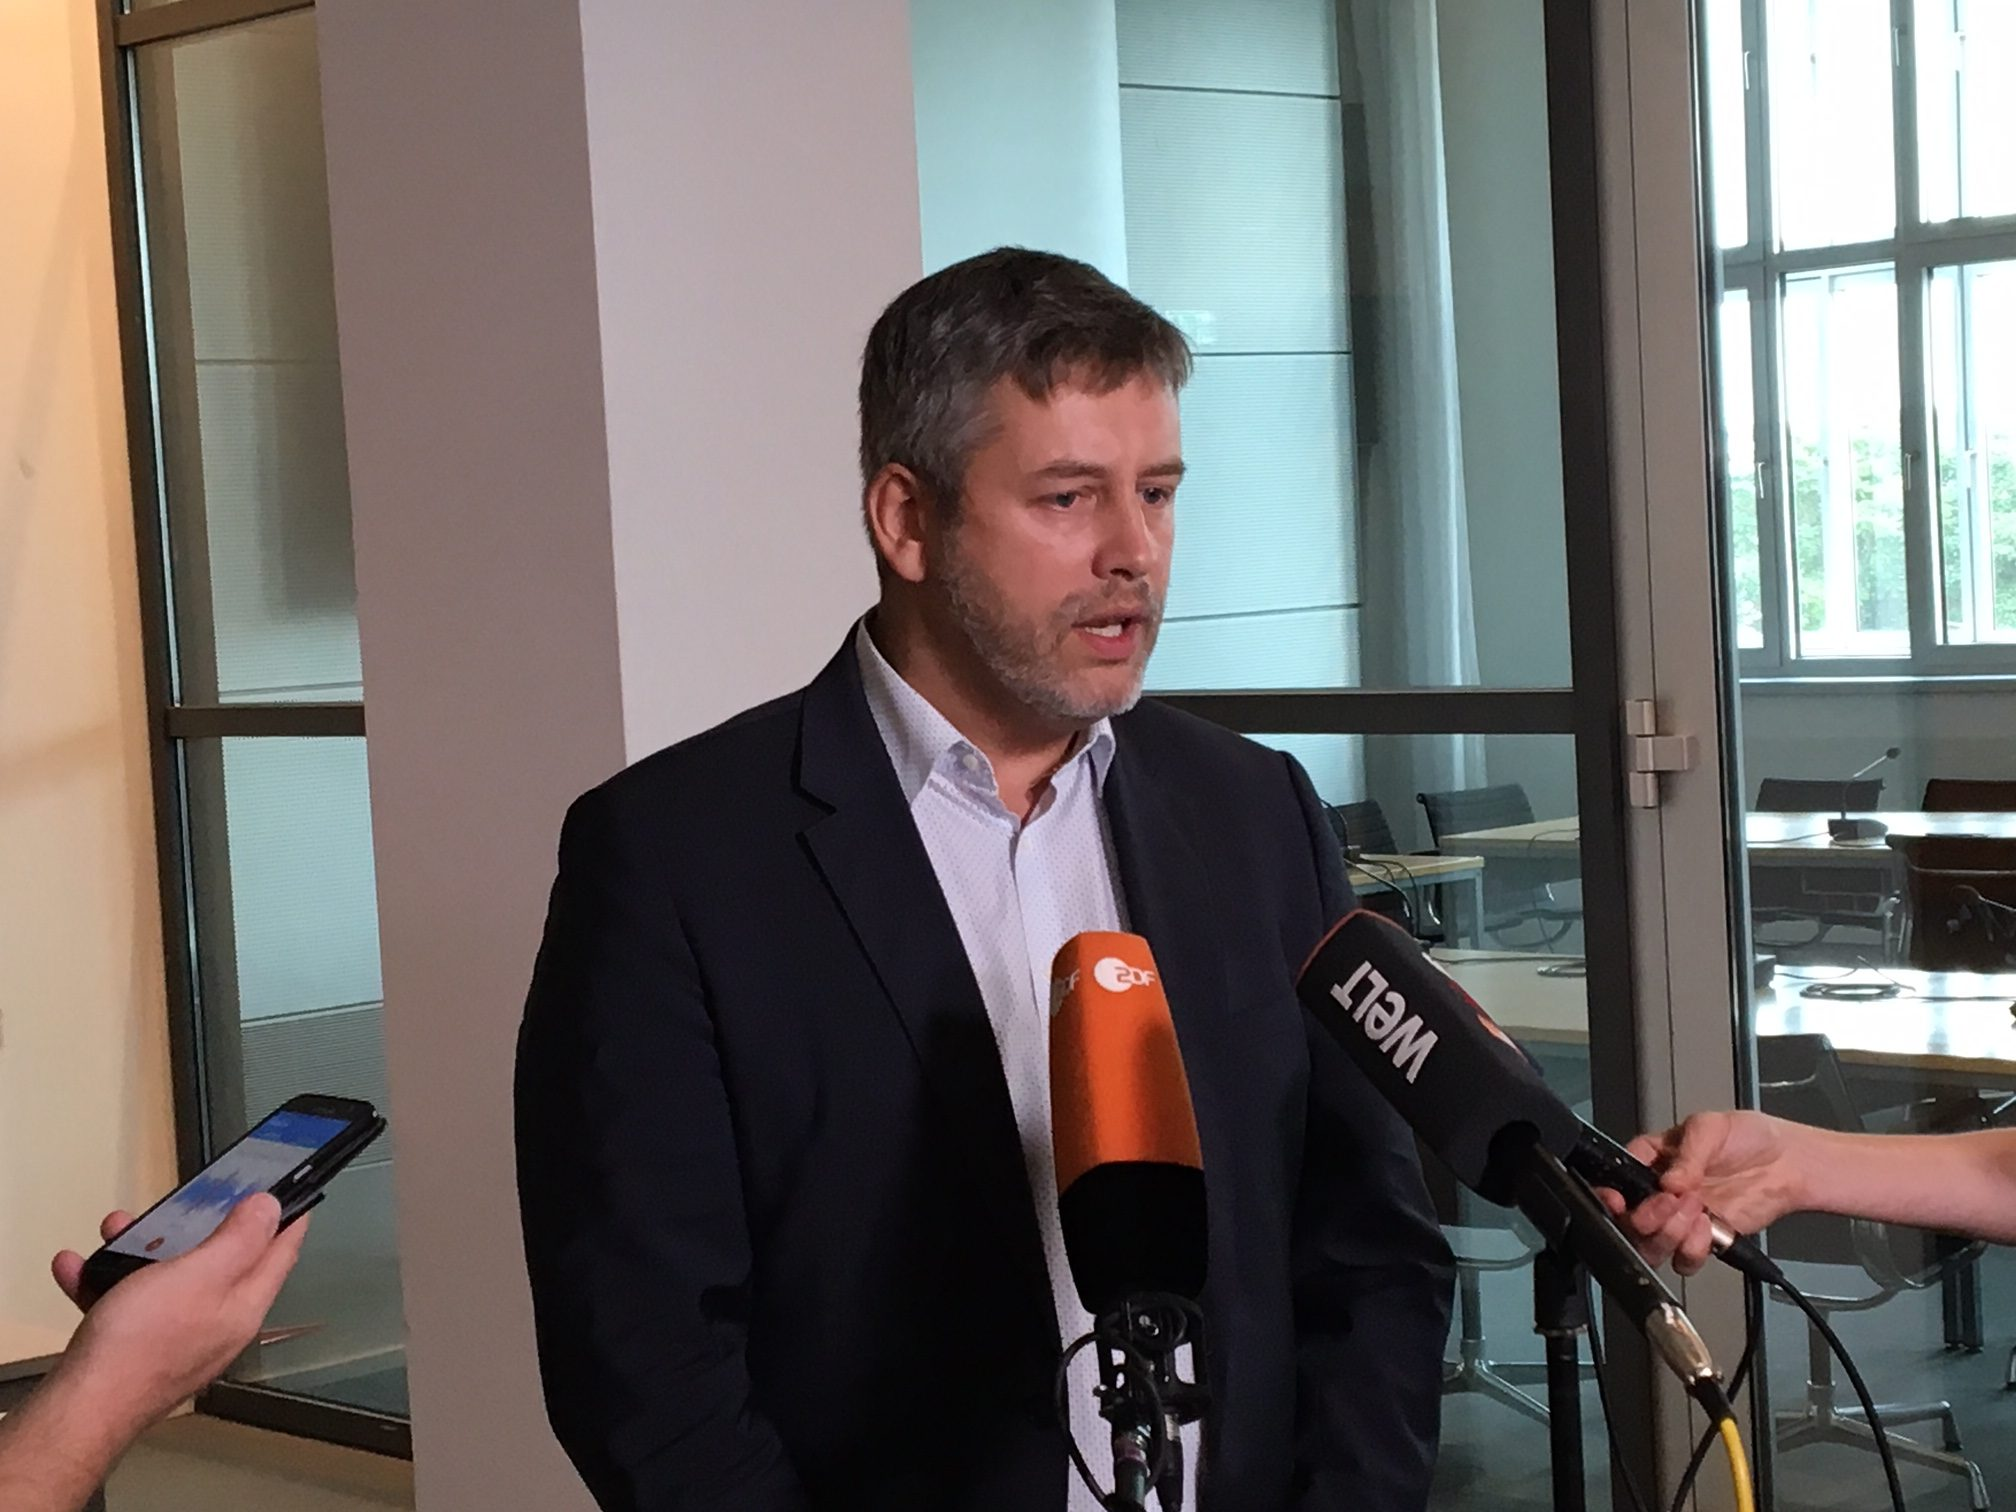 Pallas: Rechter Hetze deutlich widersprechen – Sicherheit in Chemnitz stärken